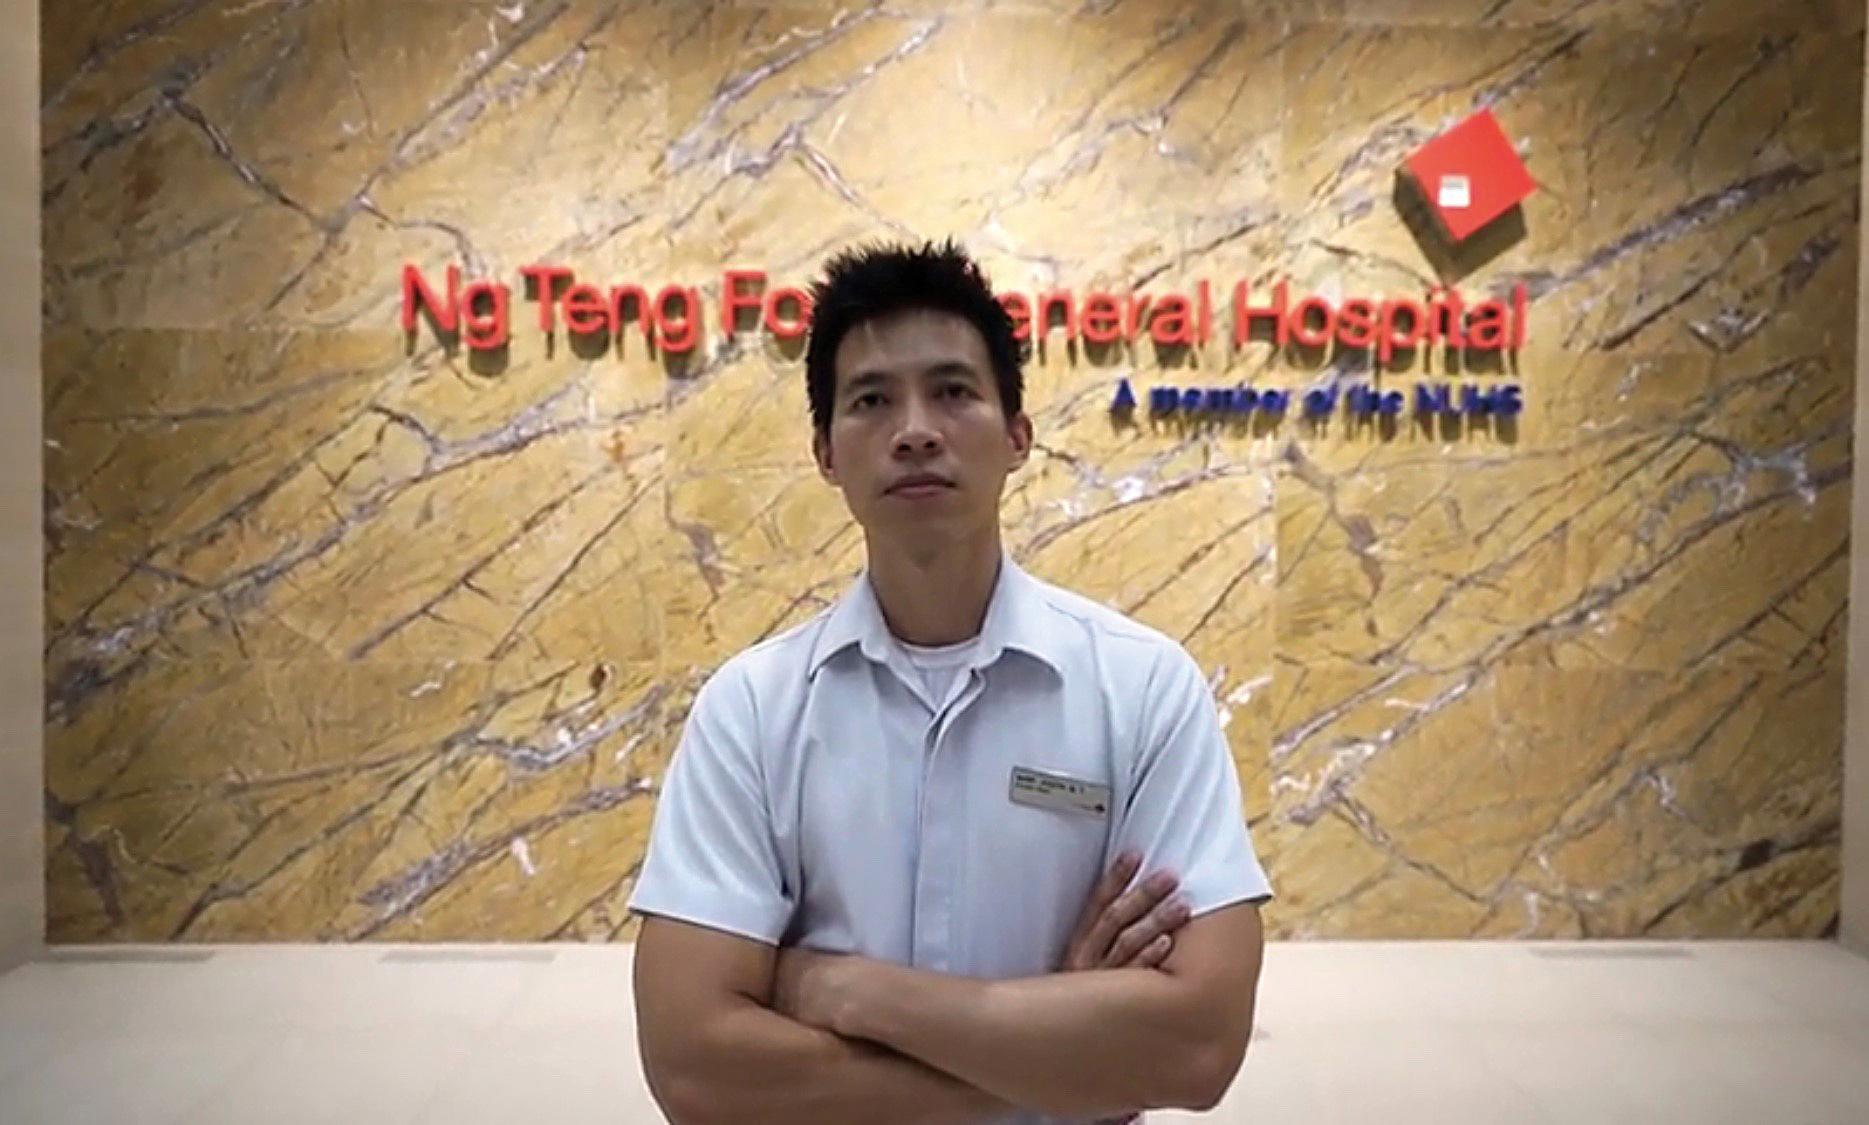 Mark Joseph Molina Tagulao